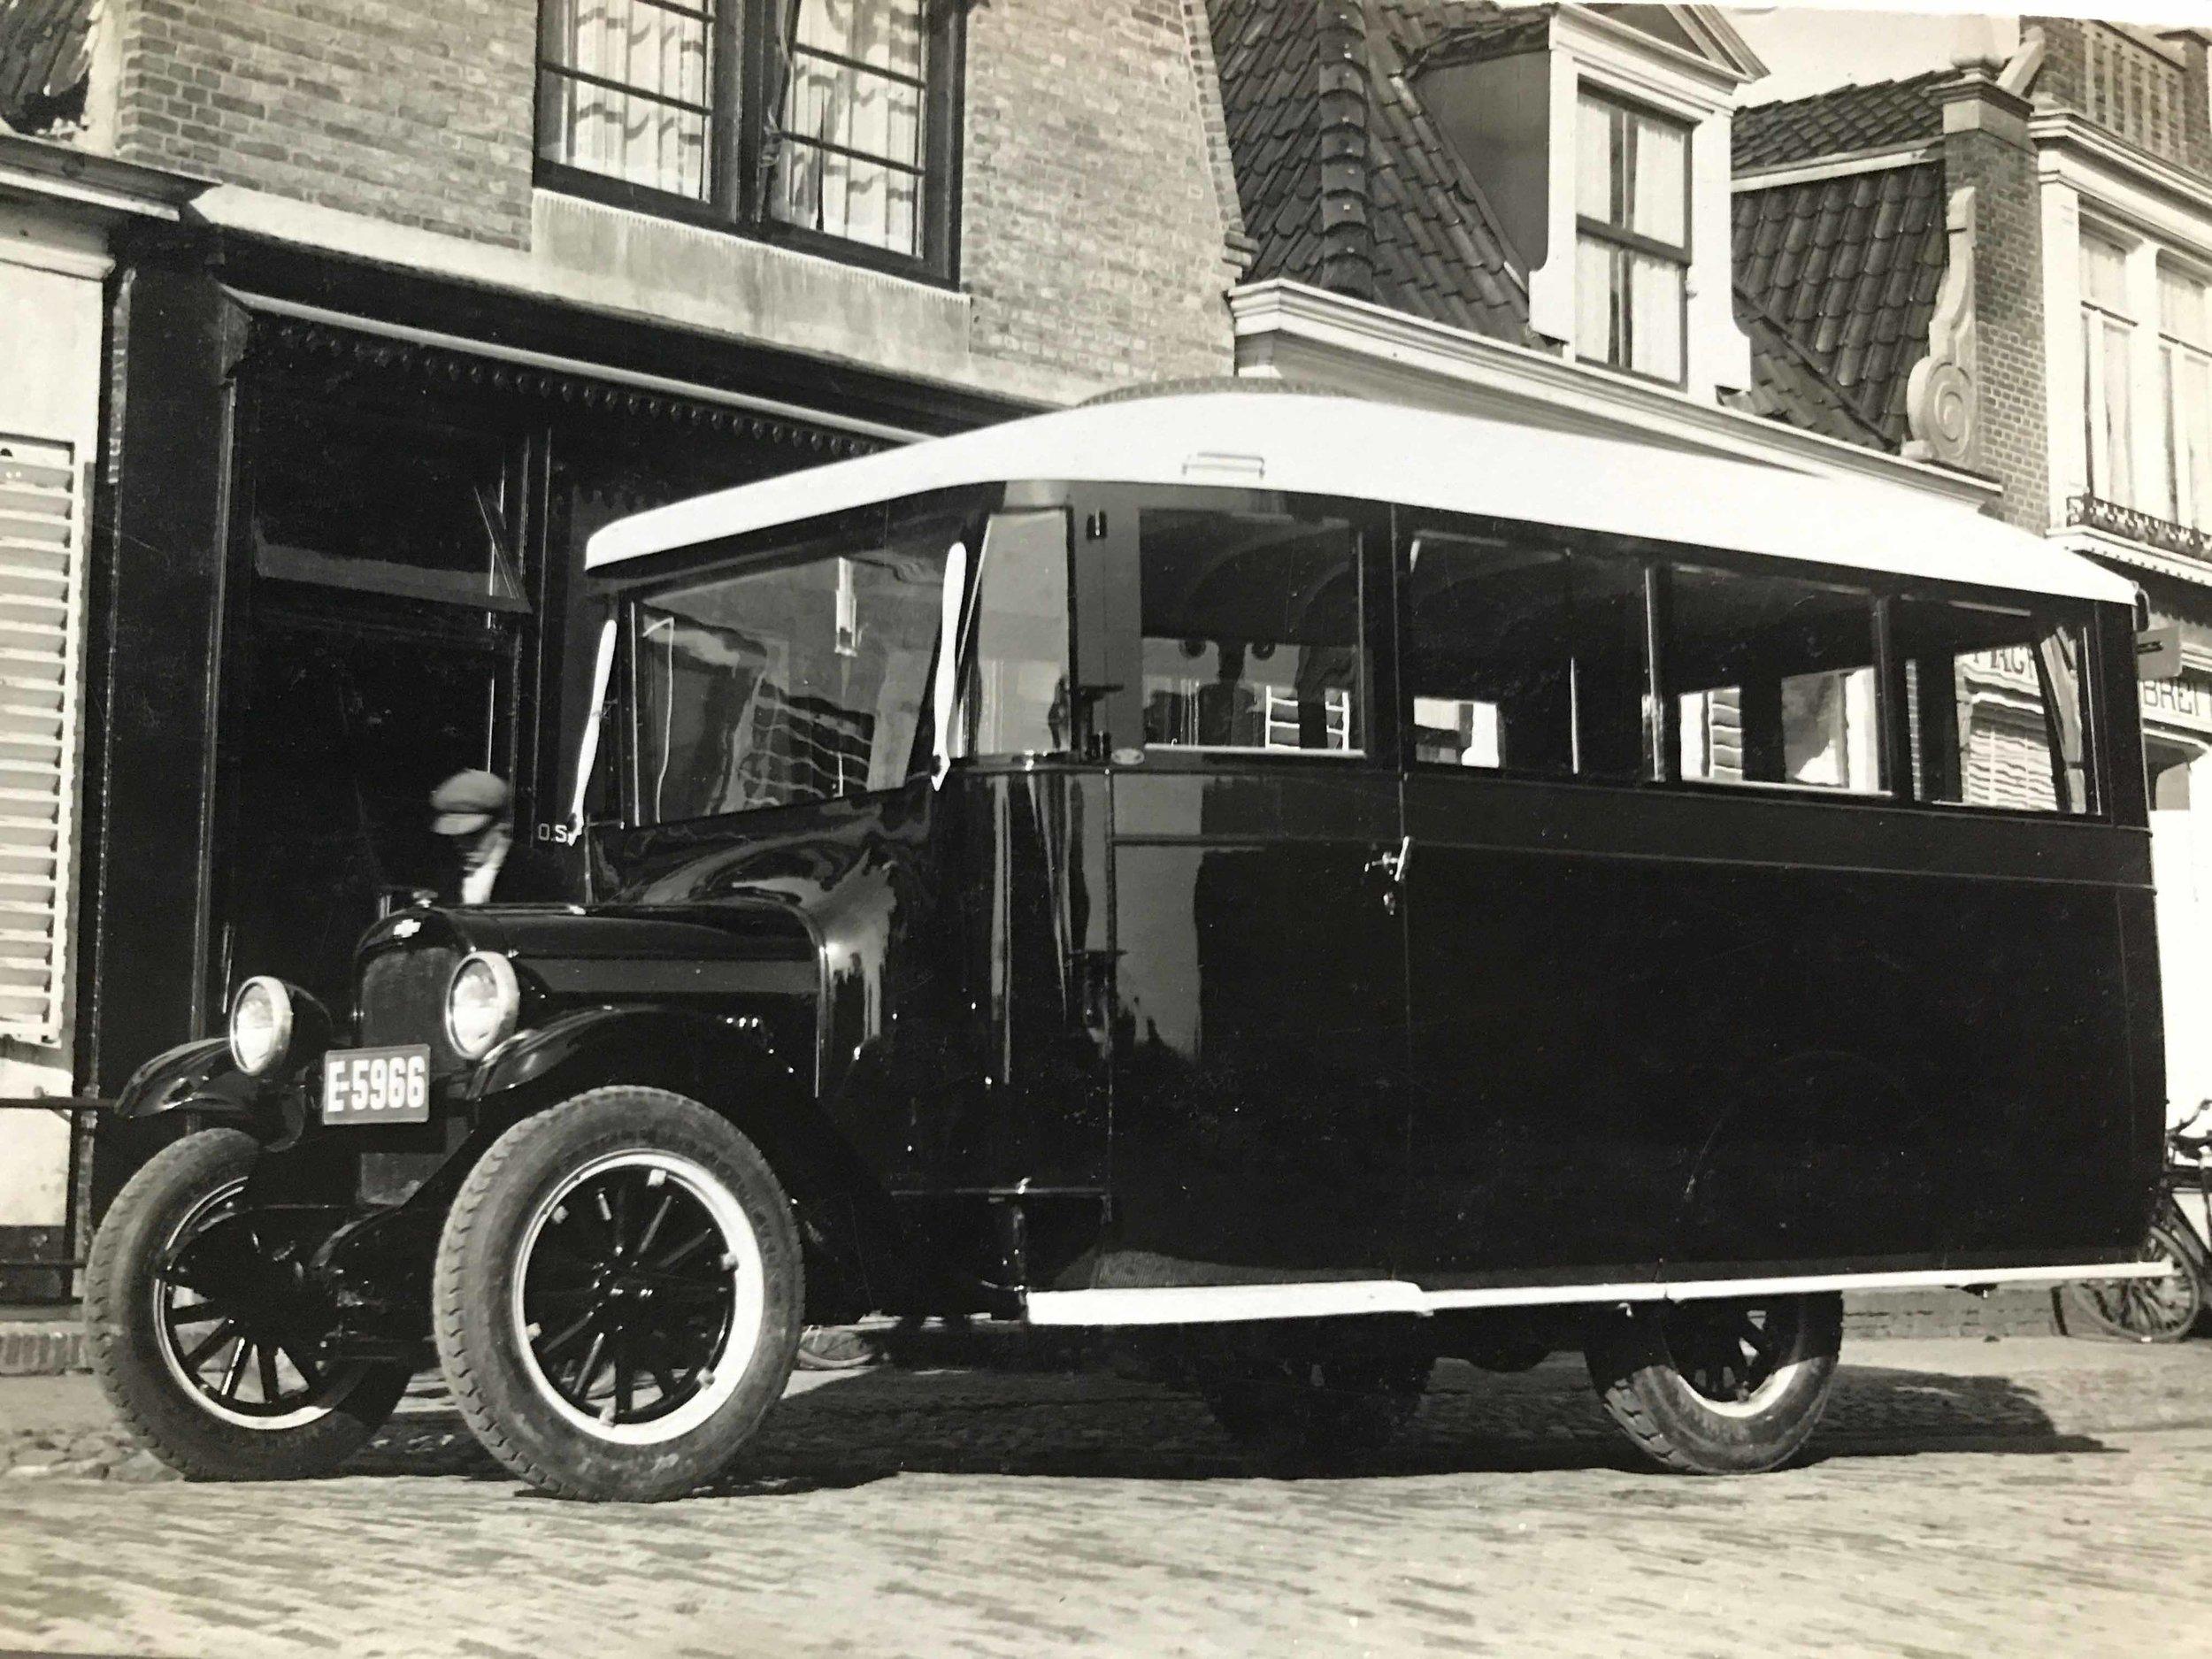 Geschiedenis 1919 - 1934 (13 van 20).jpg